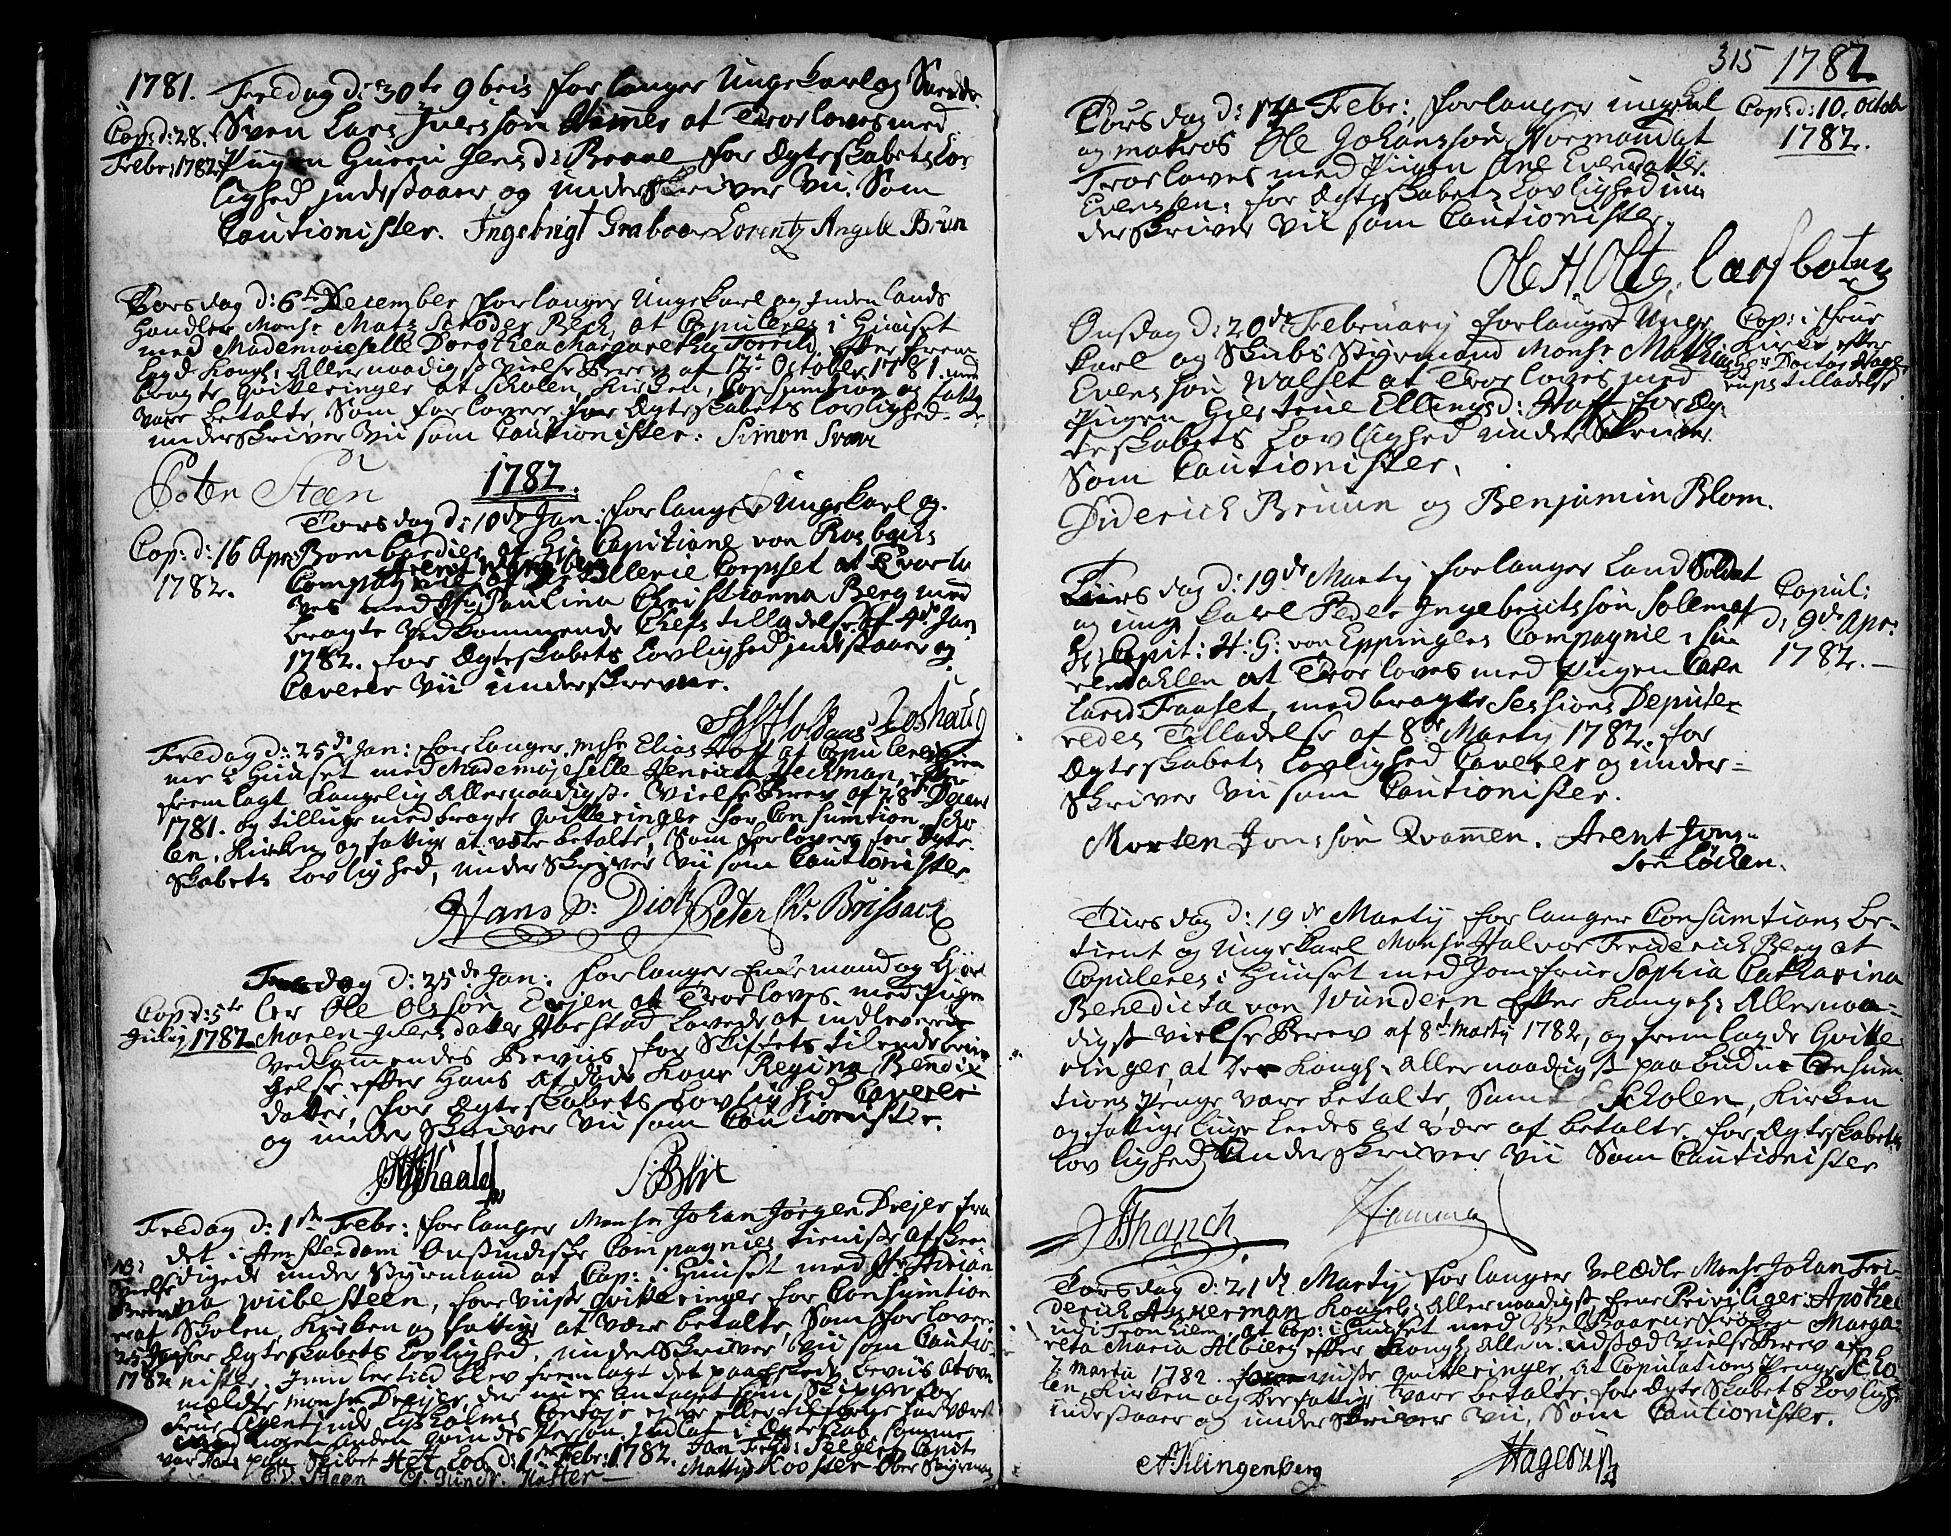 SAT, Ministerialprotokoller, klokkerbøker og fødselsregistre - Sør-Trøndelag, 601/L0038: Ministerialbok nr. 601A06, 1766-1877, s. 315